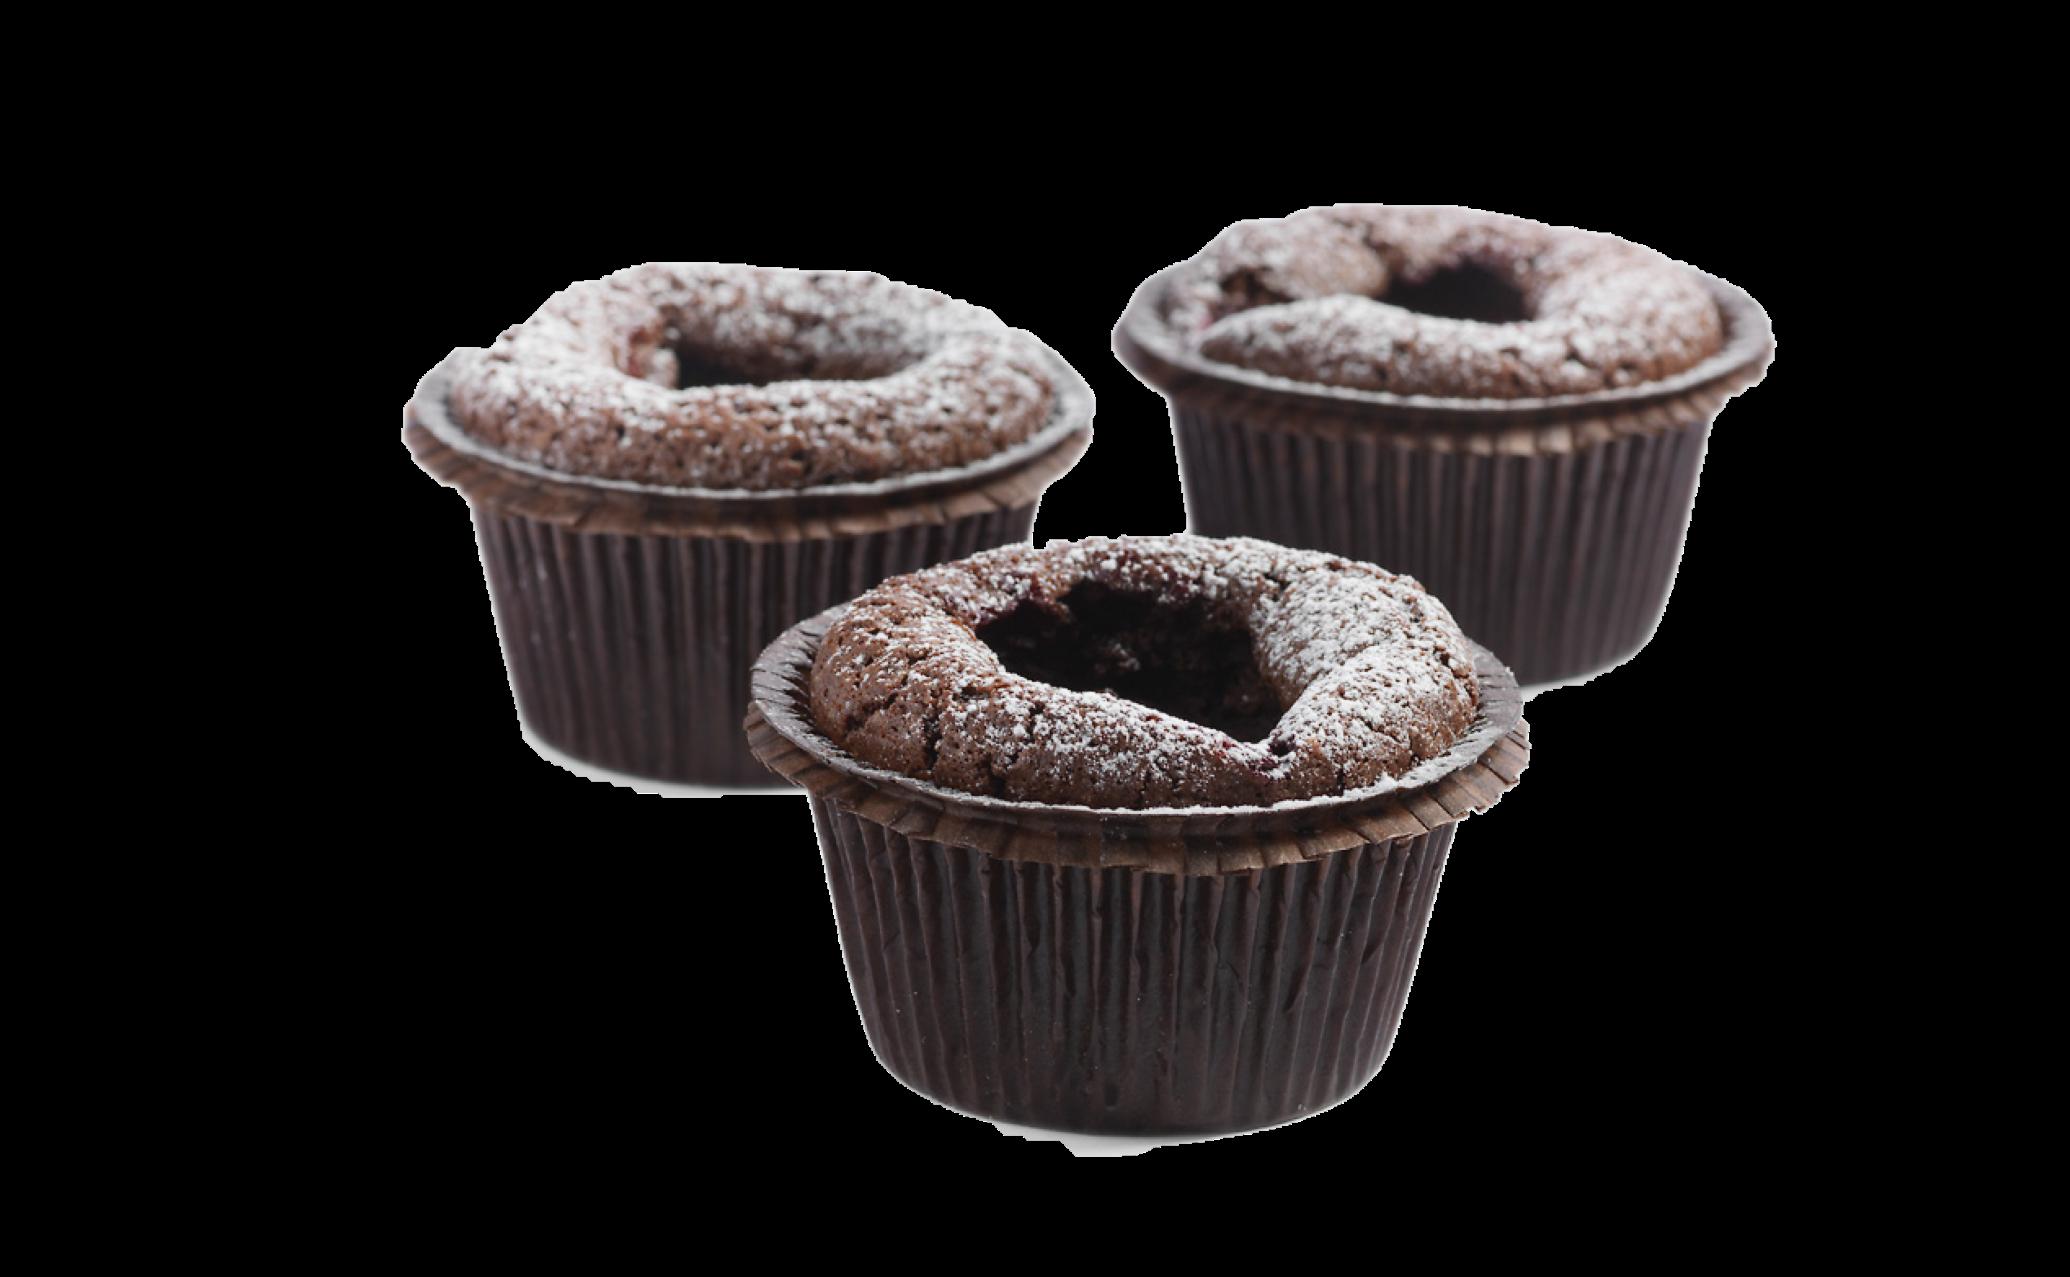 Browniemuffins 4-pack (glutenfri)